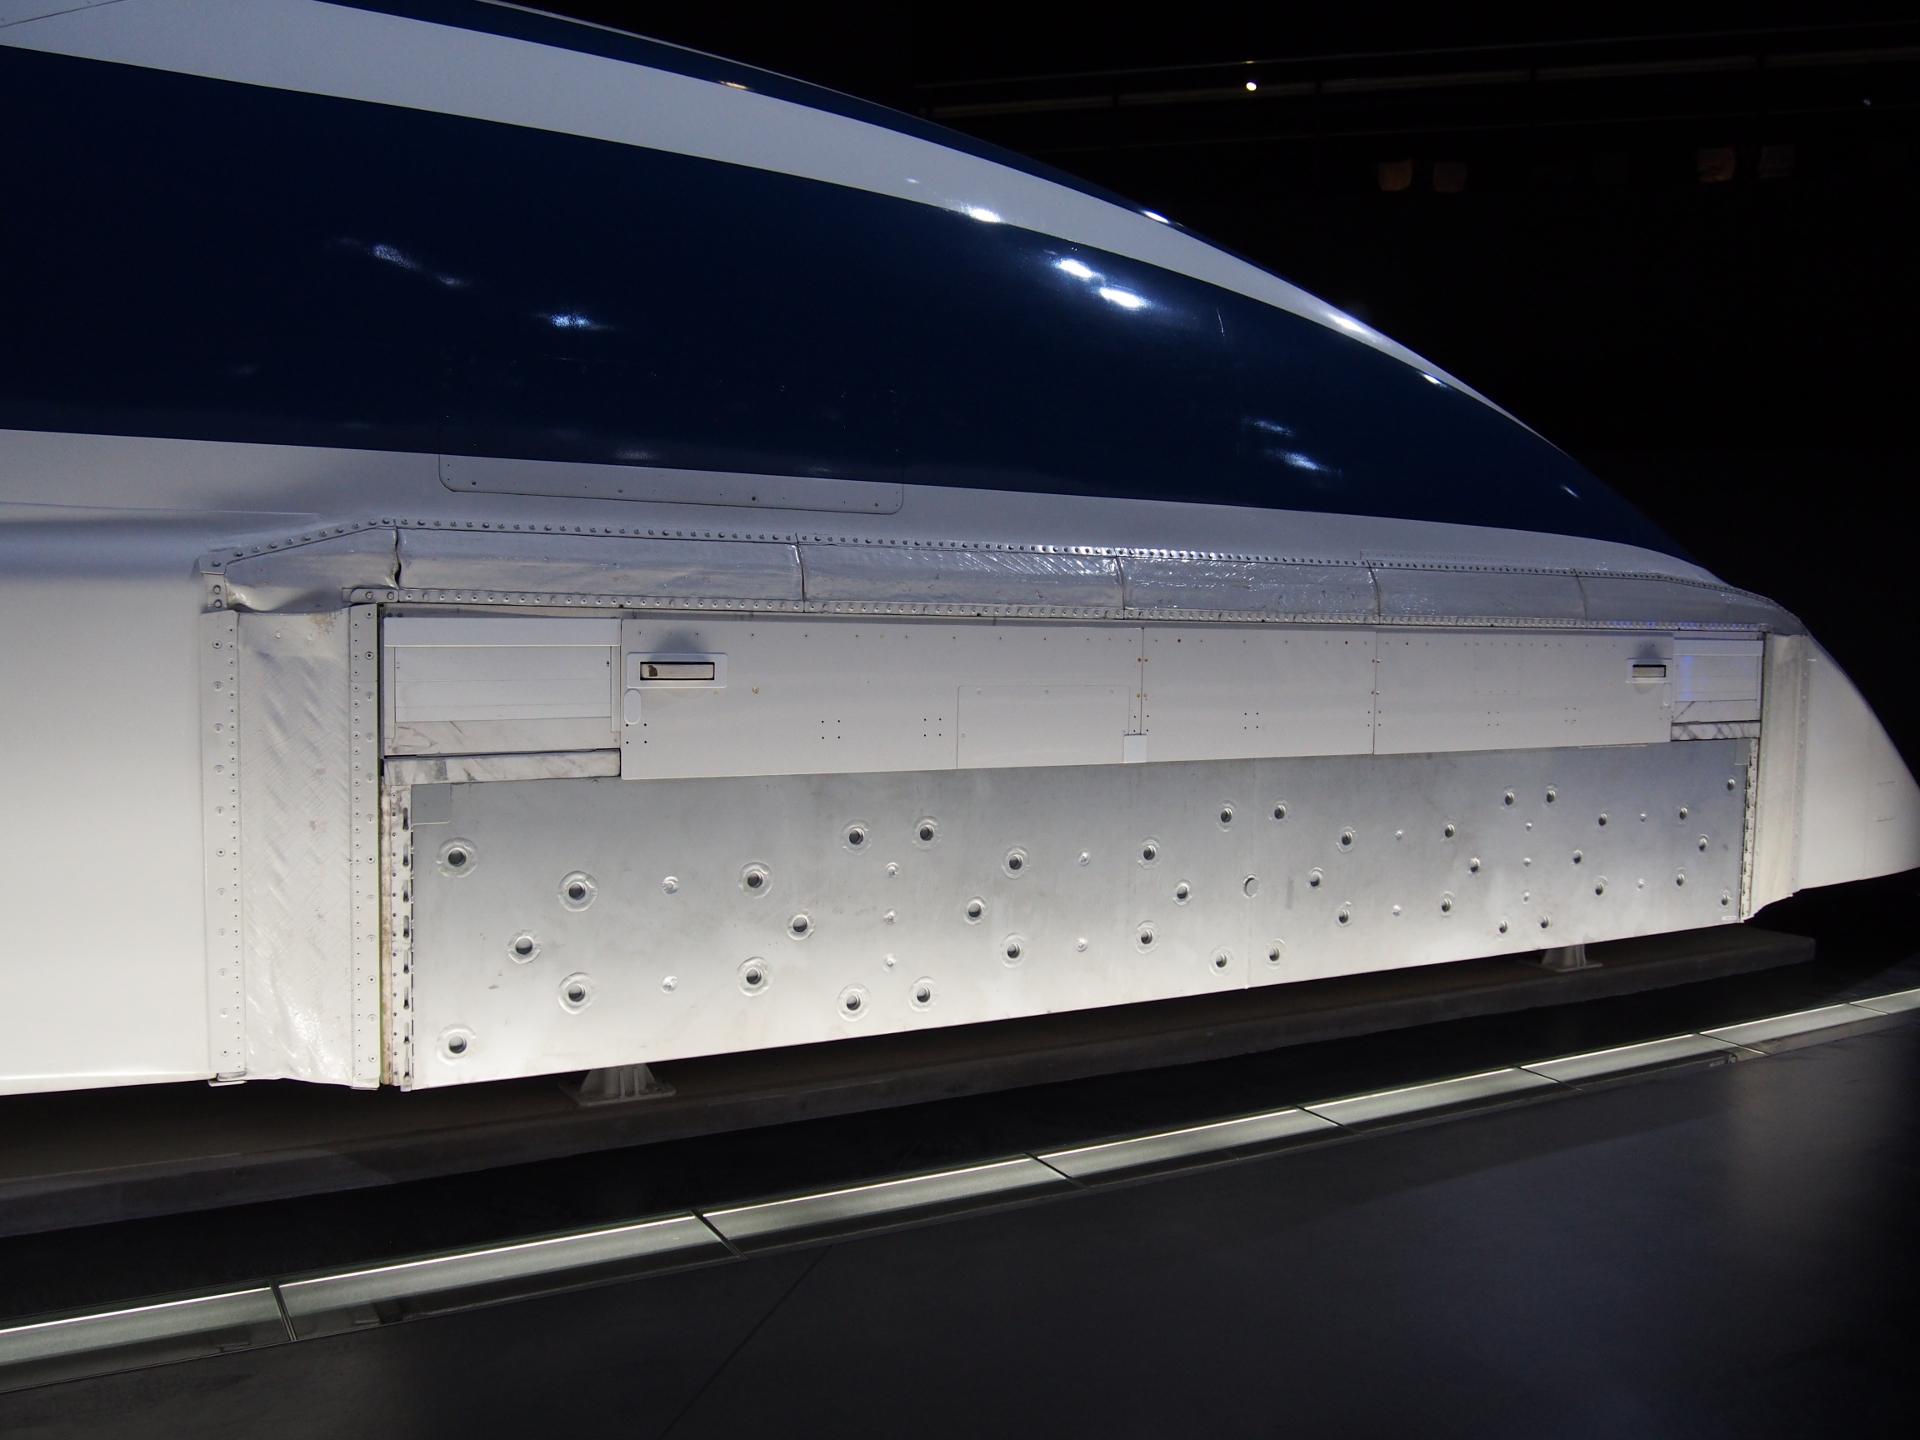 リニア新幹線の超伝導磁石の浮上・走行システムです。